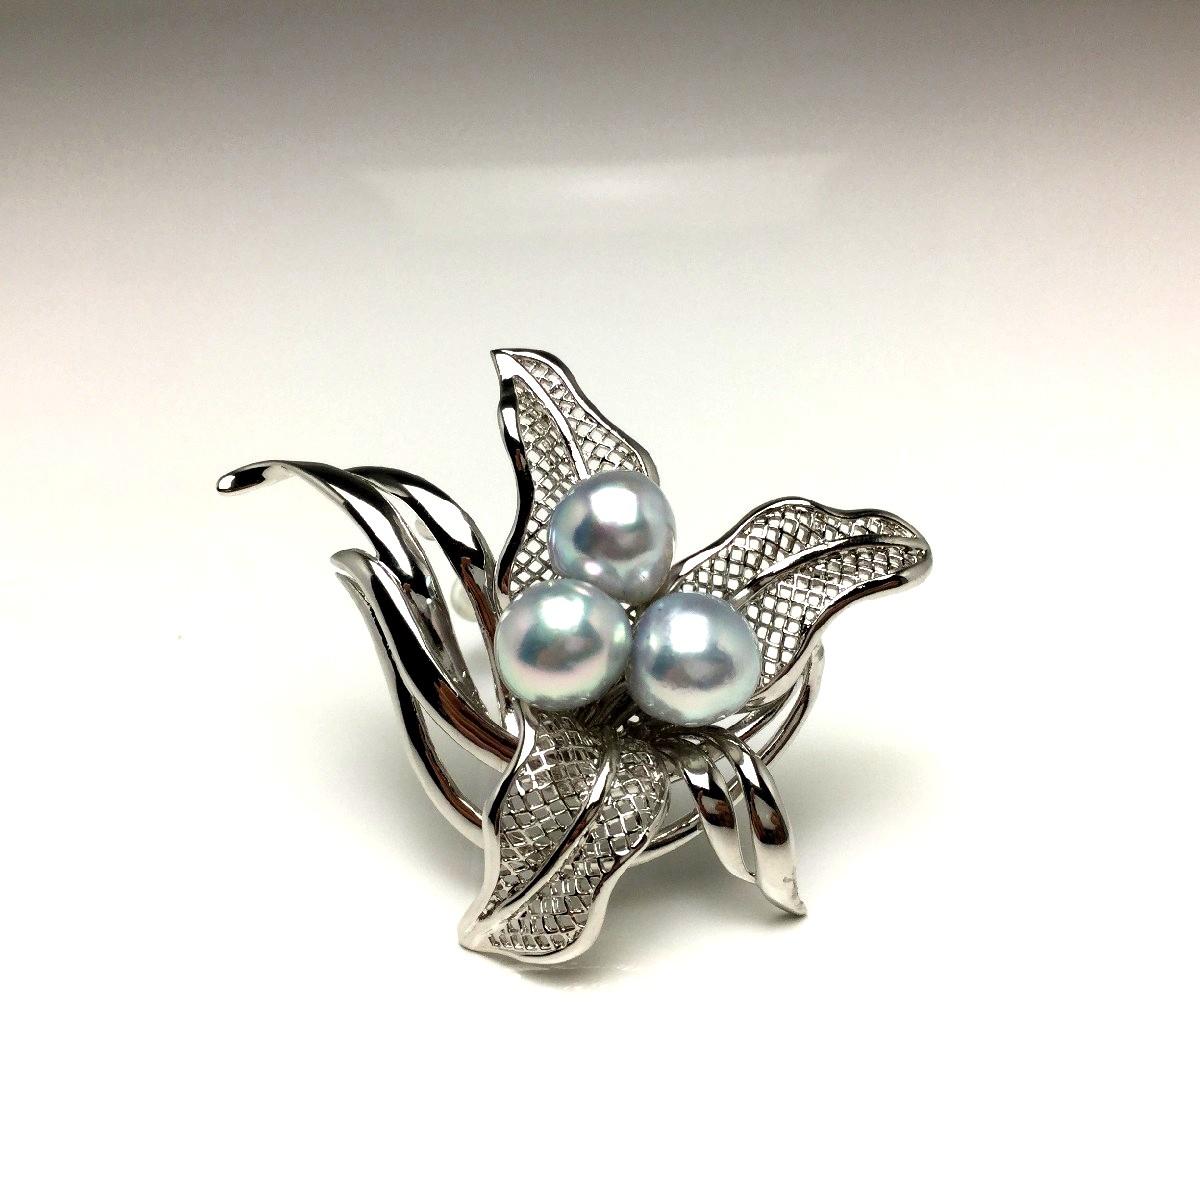 真珠 ブローチ パール アコヤ真珠 9.1mm・9.3mm・9.6mm ホワイトシルバーブルー(ナチュラル) シルバー 植物 66664 イソワパール